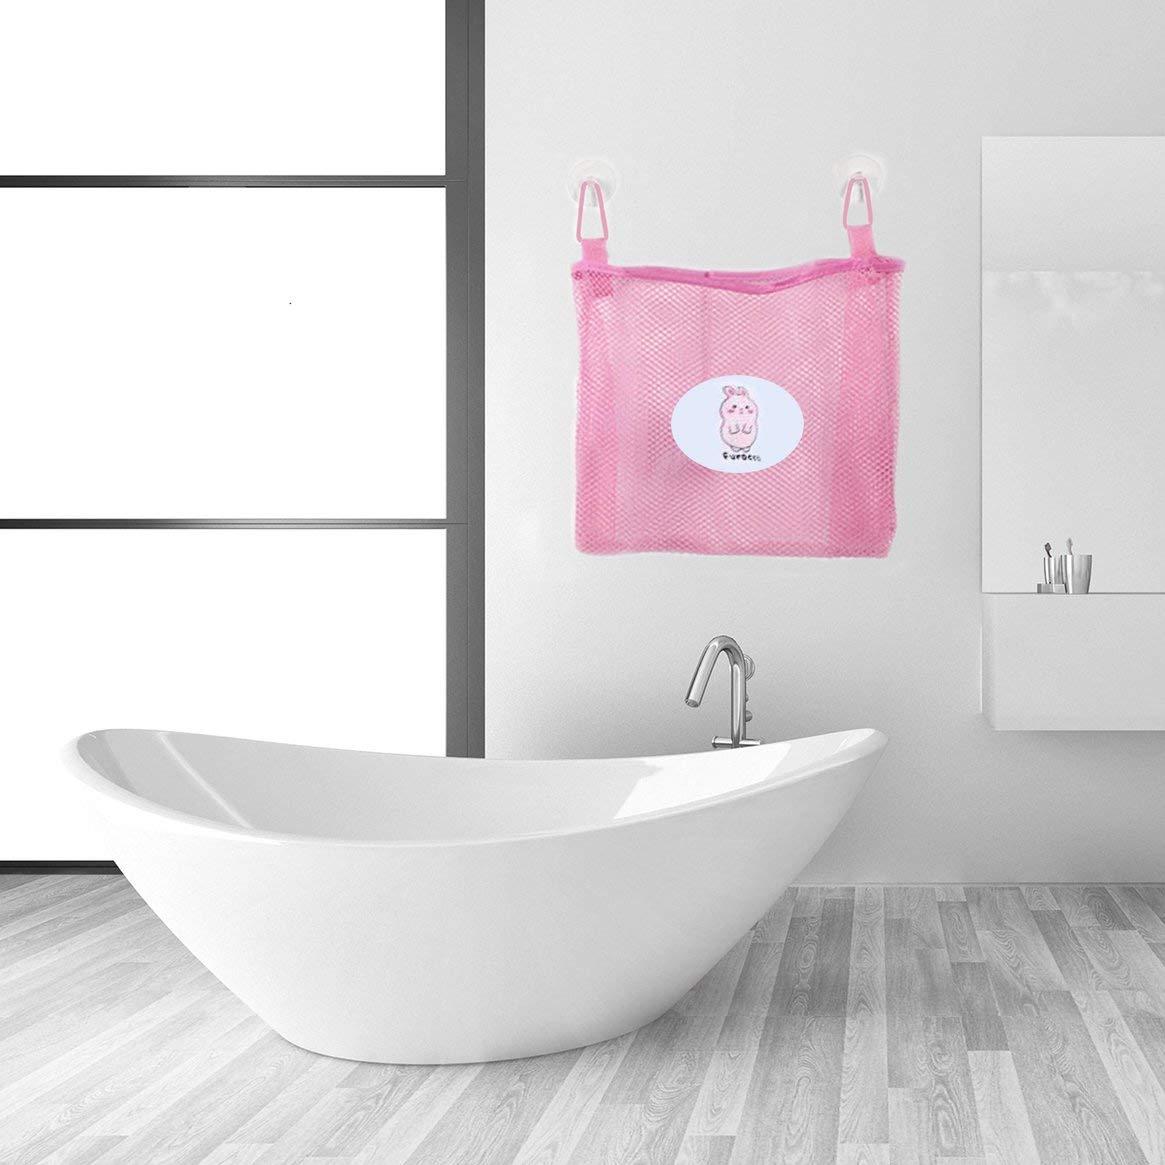 Rejilla port/átil Tela Oxford y Nylon Ventosa doble Juego de art/ículos de tocador de viaje Bolsa de lavado Bolsa de almacenamiento con gancho para colgar rosa